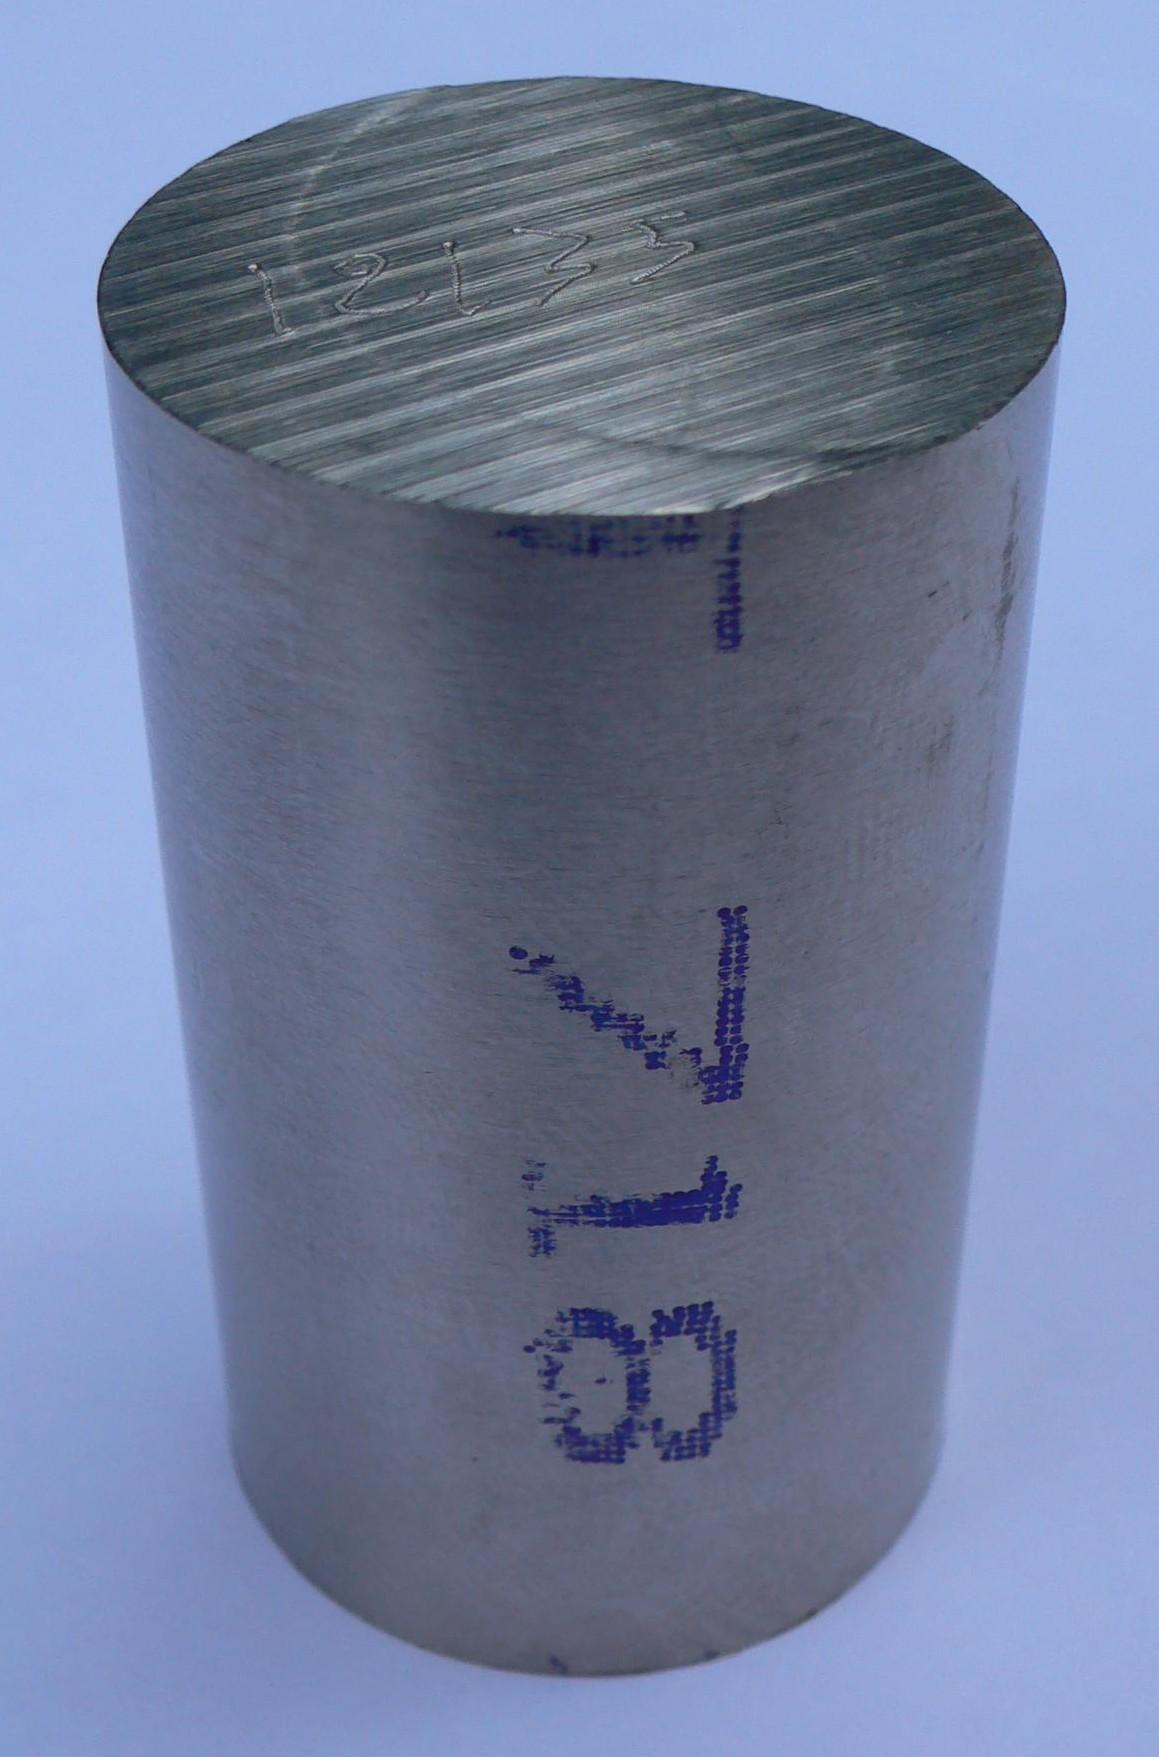 Nickel 718, Nickel 718, FIGHTER JET METALS